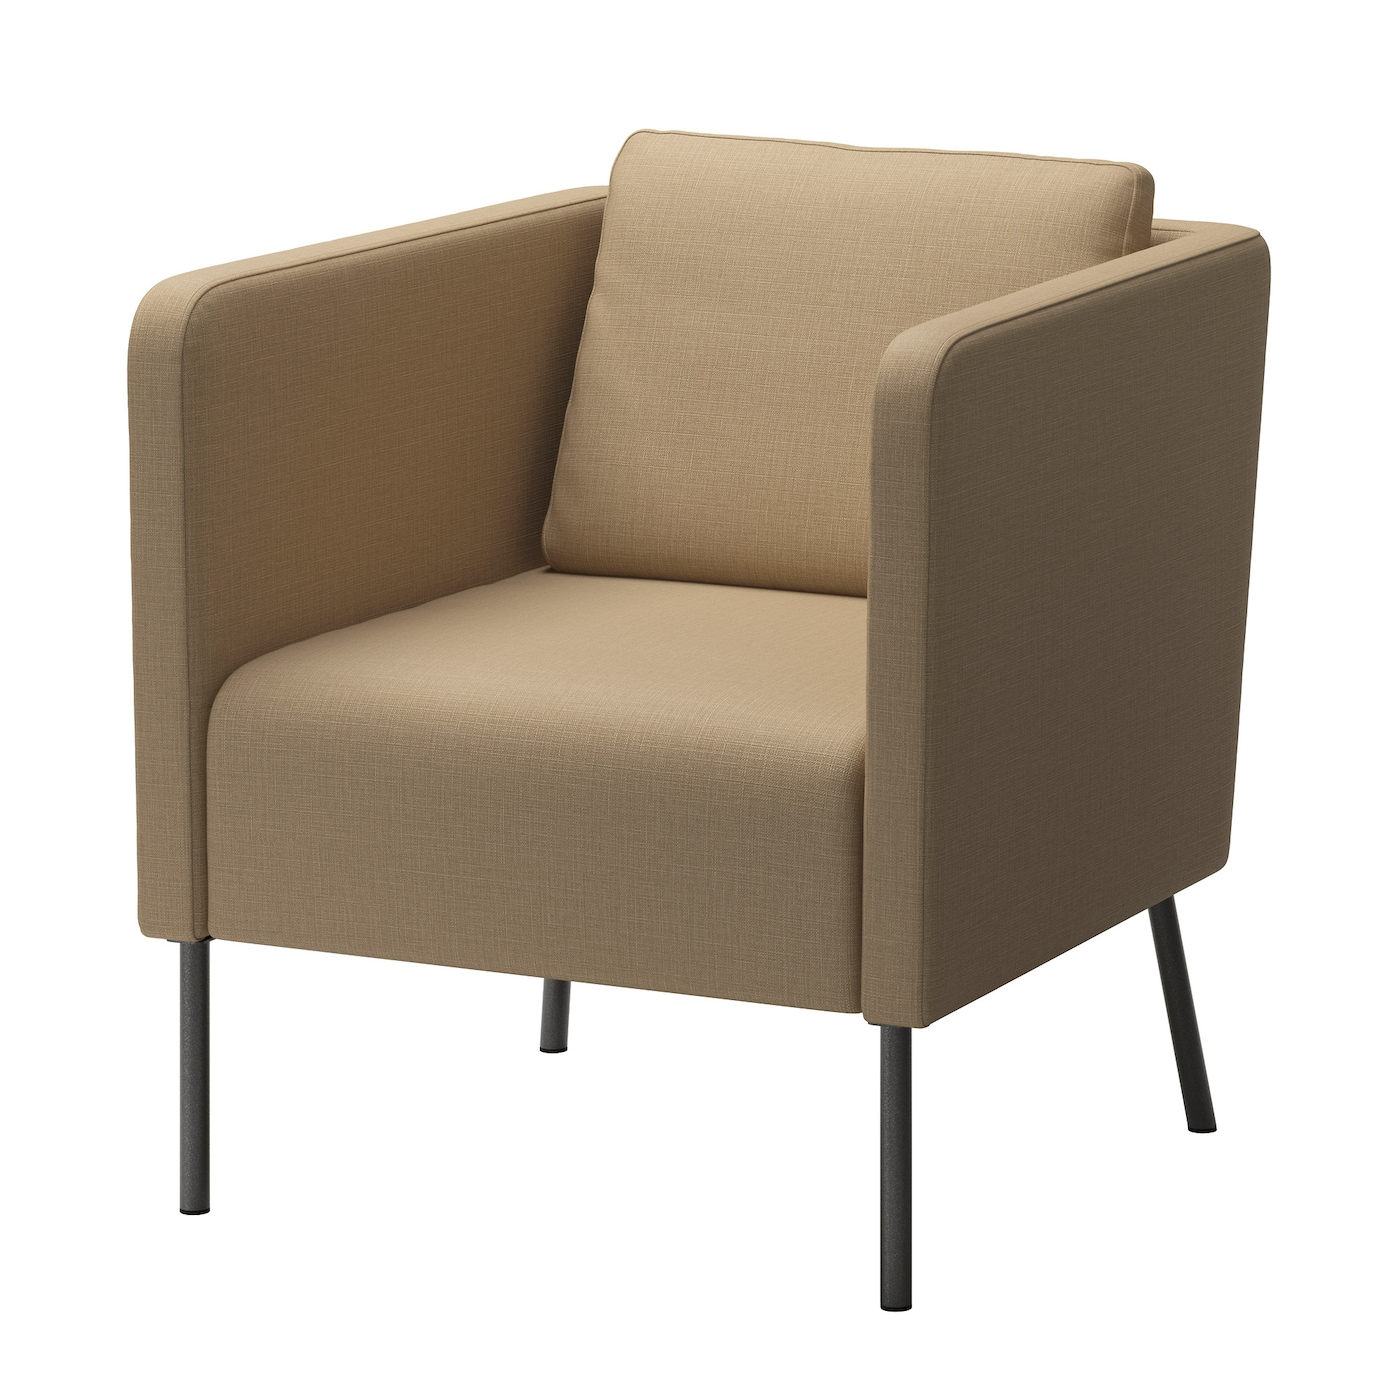 Full Size of Ikea Relaxsessel Mit Hocker Garten Strandmon Leder Top Ten Sessel Grau Leby Küche Kosten Aldi Betten 160x200 Sofa Schlaffunktion Miniküche Kaufen Bei Wohnzimmer Ikea Relaxsessel